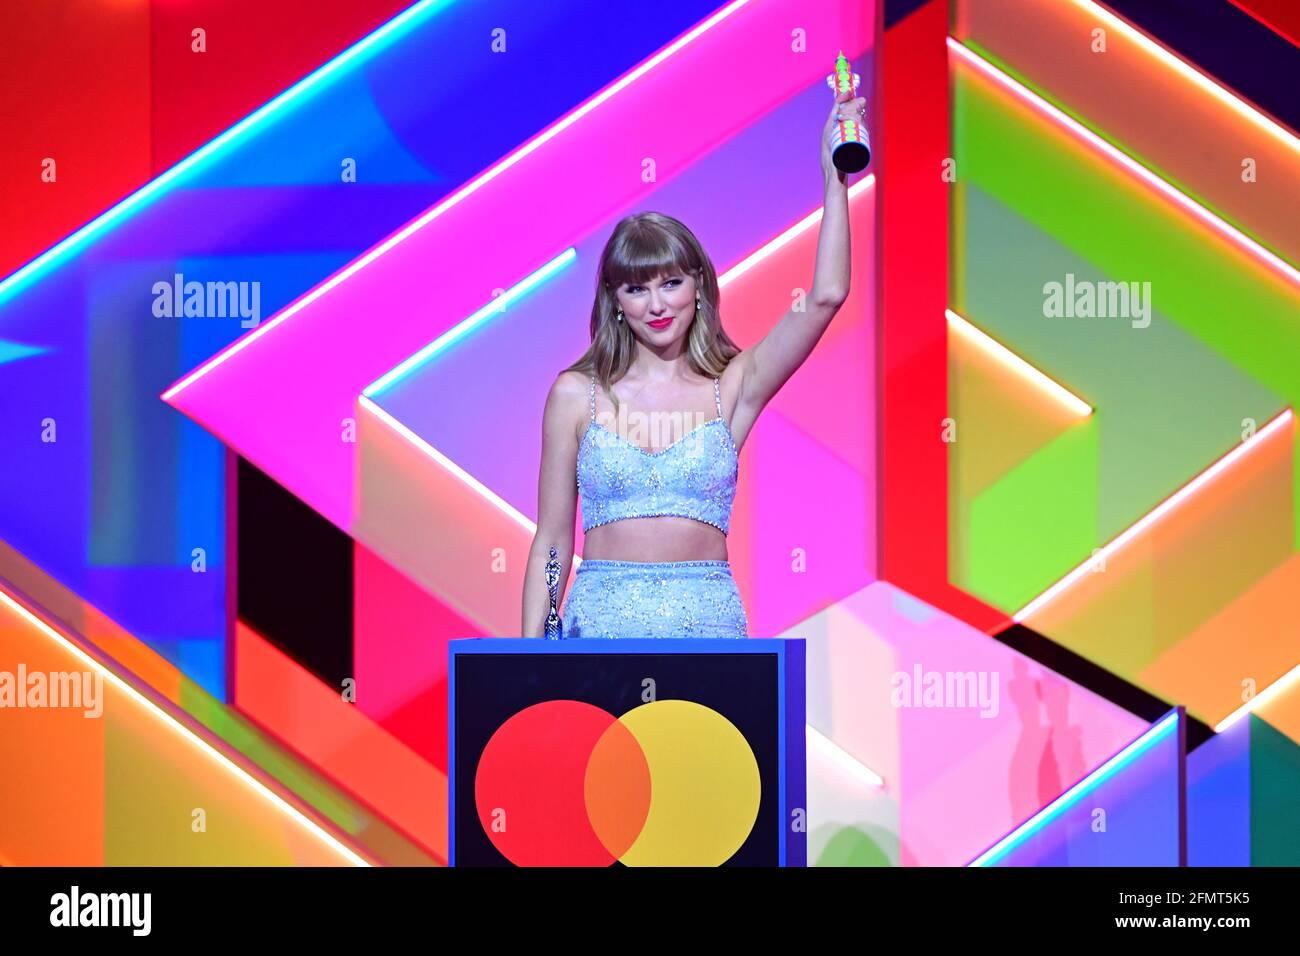 Taylor Swift nimmt den Global Icon Award während der Brit Awards 2021 in der O2 Arena in London entgegen. Bilddatum: Dienstag, 11. Mai 2021. Stockfoto